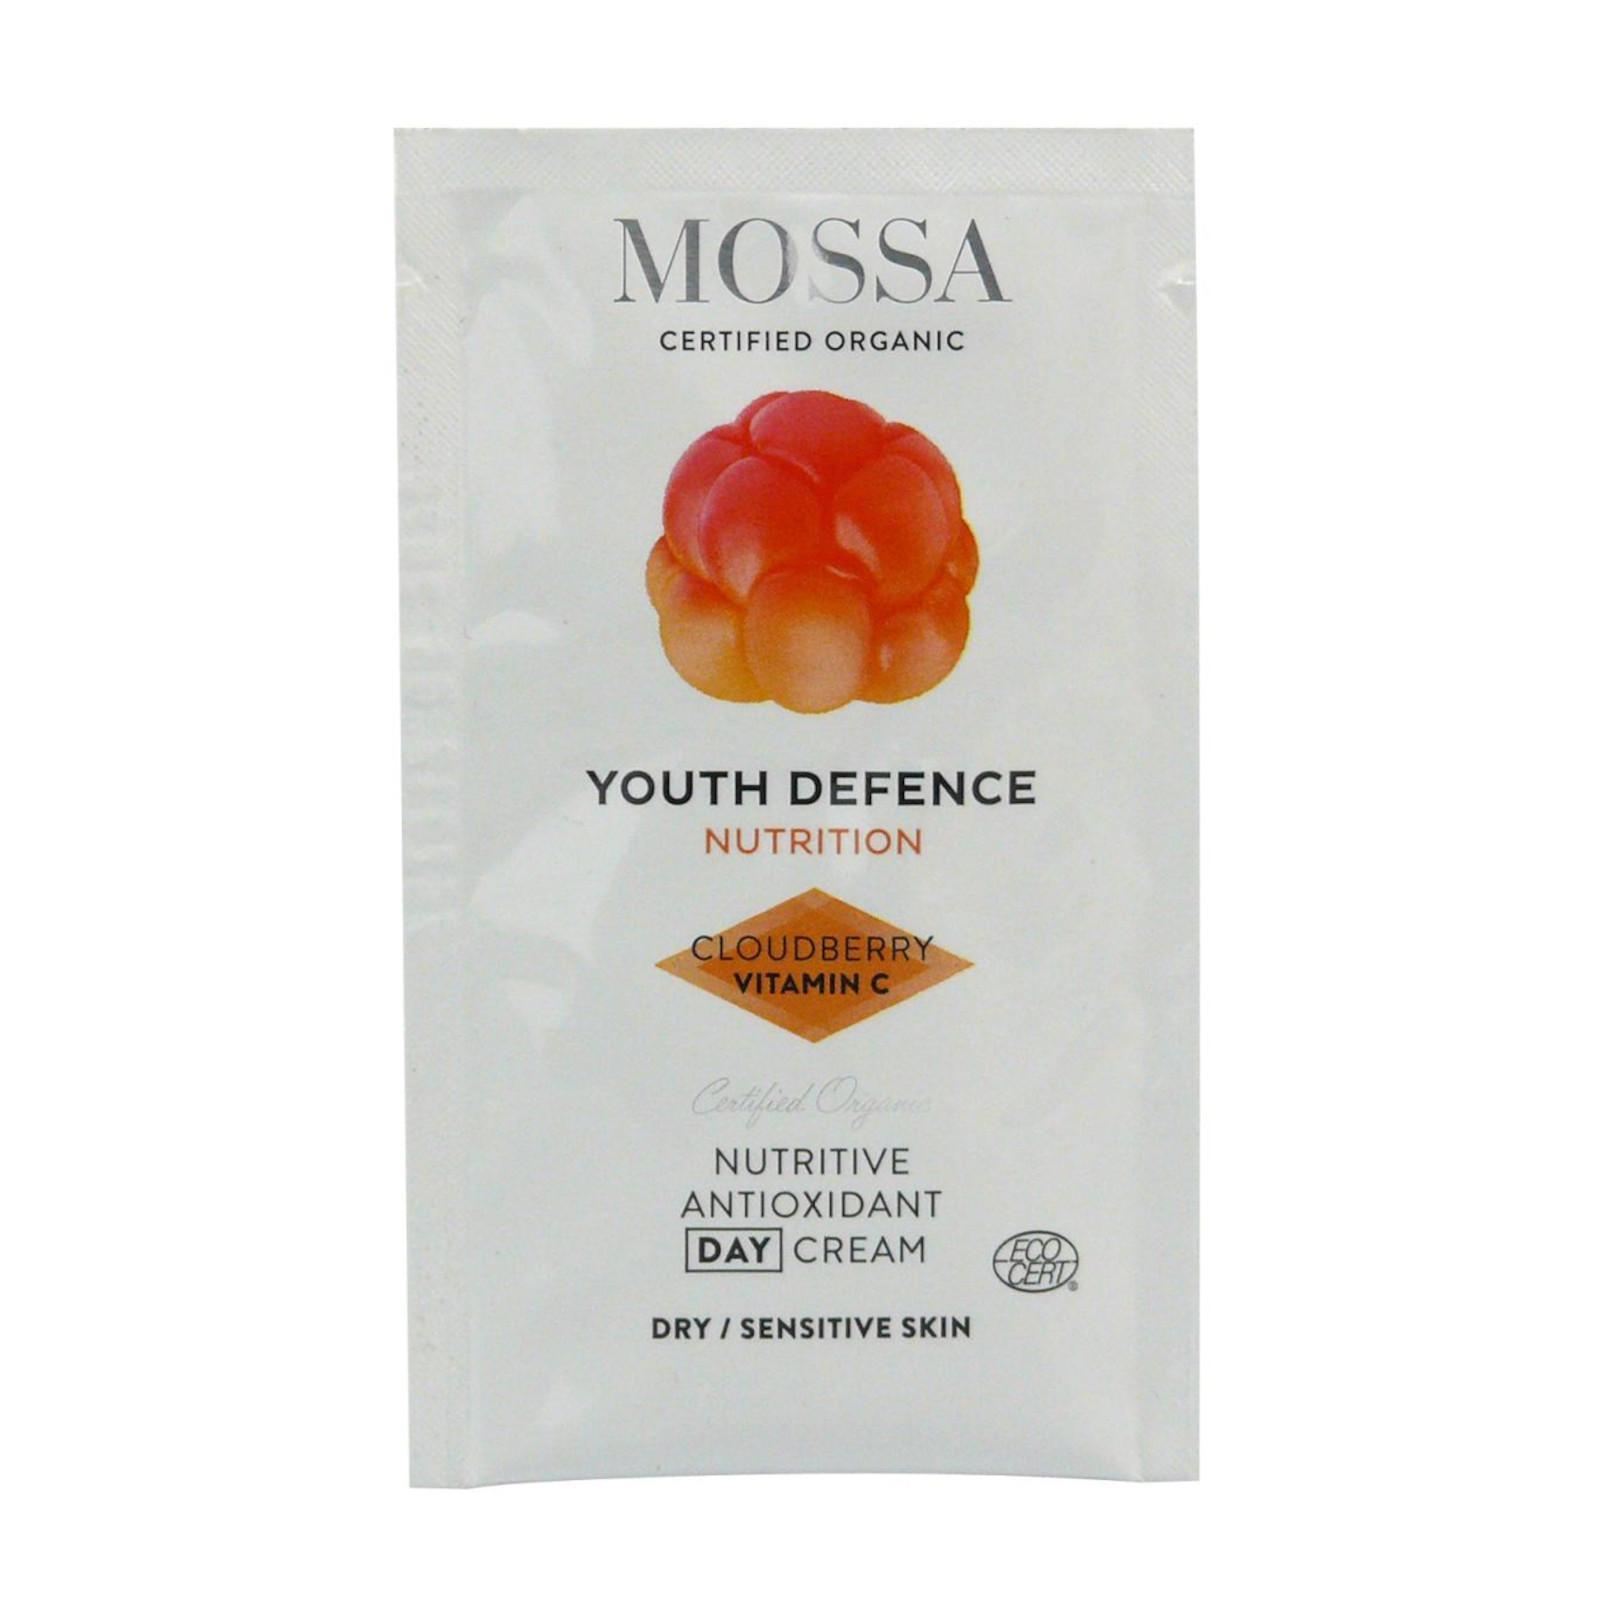 MOSSA Výživný denní krém s antioxidanty, Youth Defence 2 ml